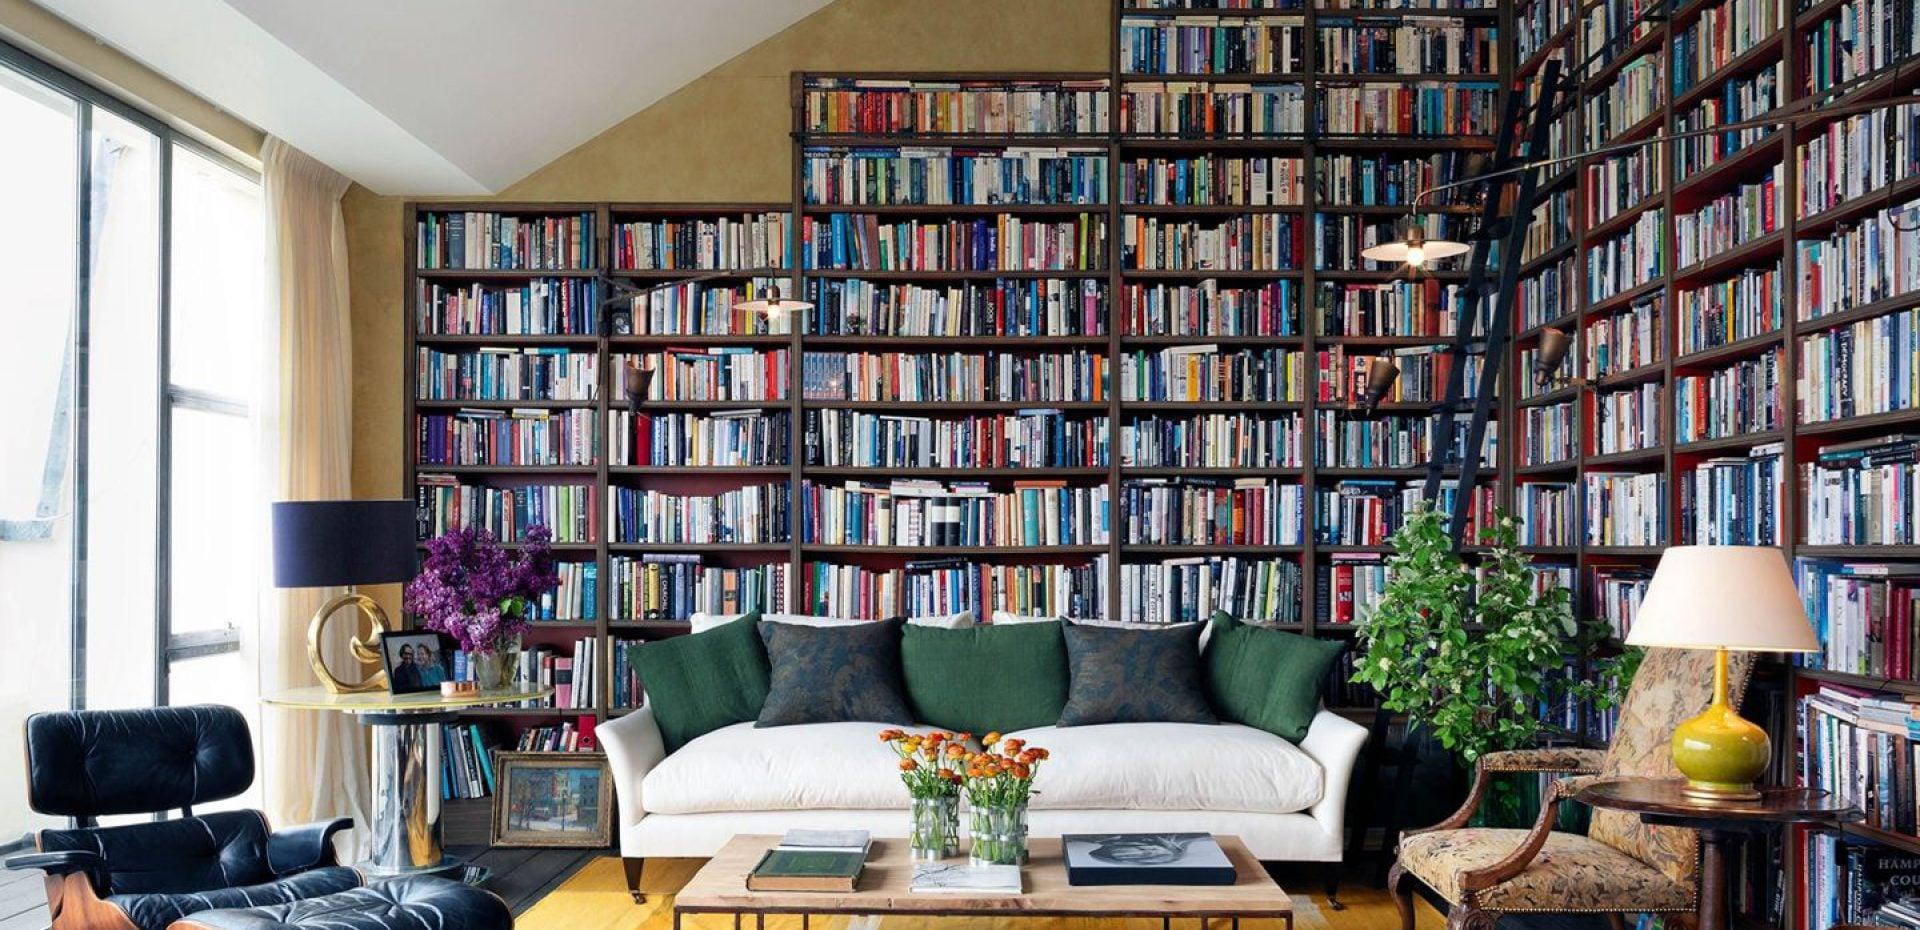 ایدههایی جذاب از طراحی قفسه کتاب برای علاقهمندان به کتاب